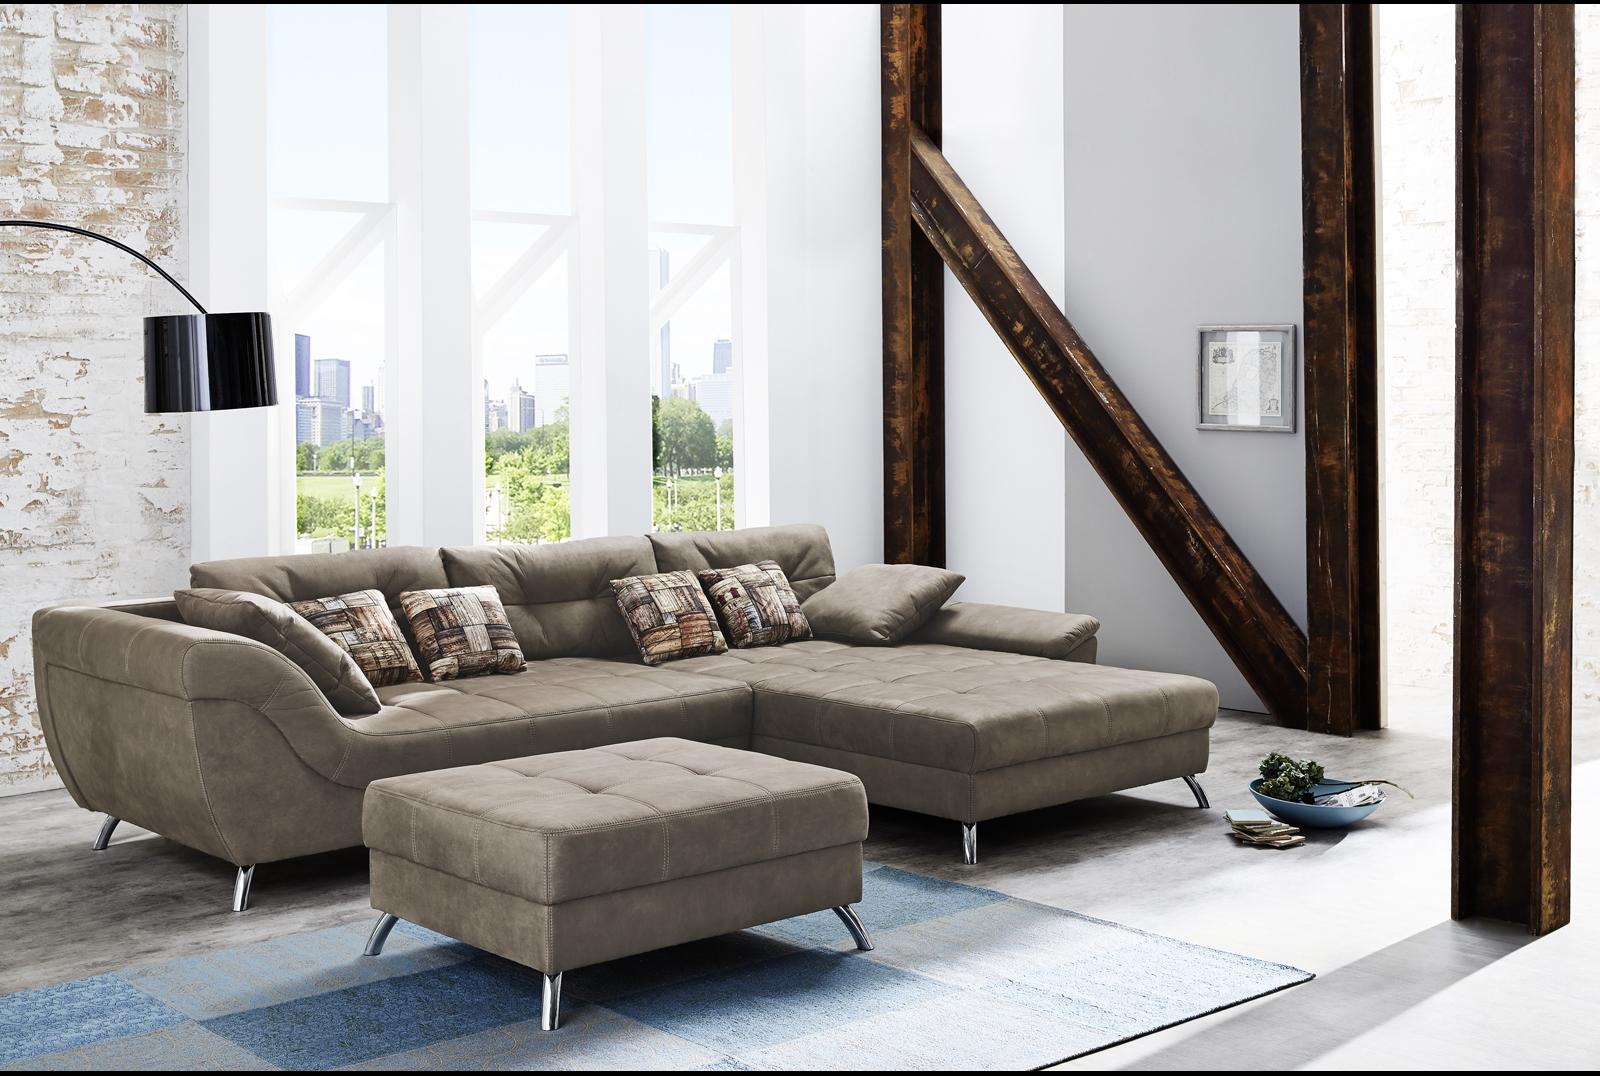 hocker san francisco von job braun kunstleder antik. Black Bedroom Furniture Sets. Home Design Ideas